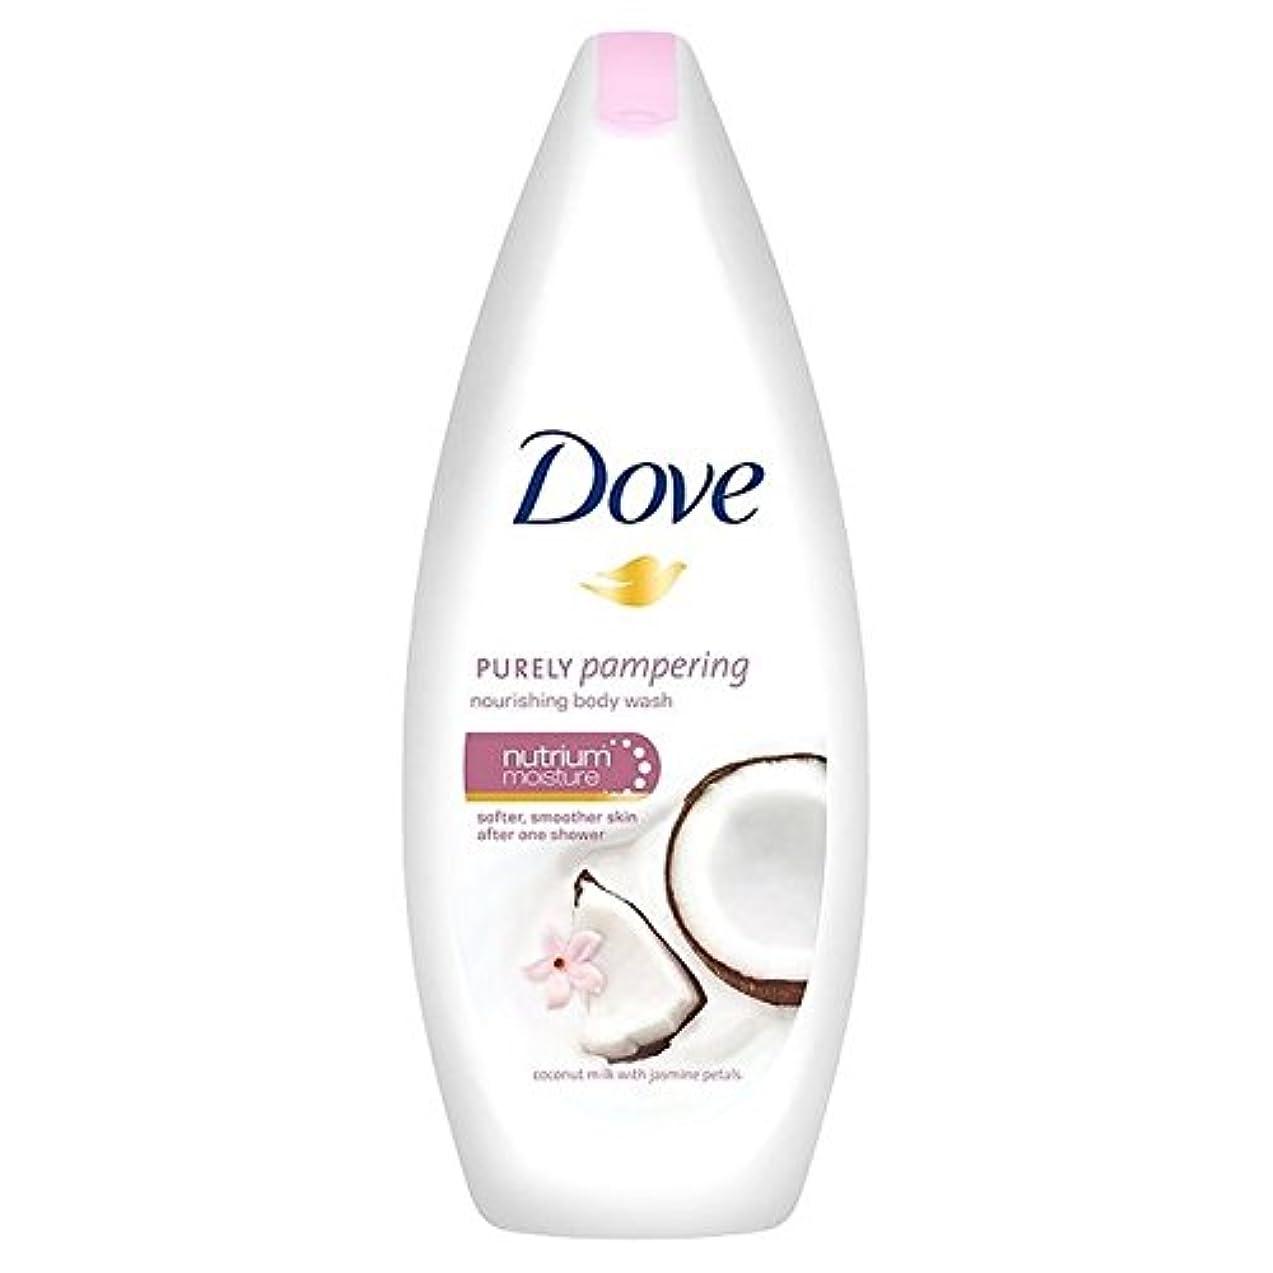 ロバイタリック打ち負かす鳩純粋に甘やかすココナッツボディウォッシュ250ミリリットル x4 - Dove Purely Pampering Coconut Body Wash 250ml (Pack of 4) [並行輸入品]